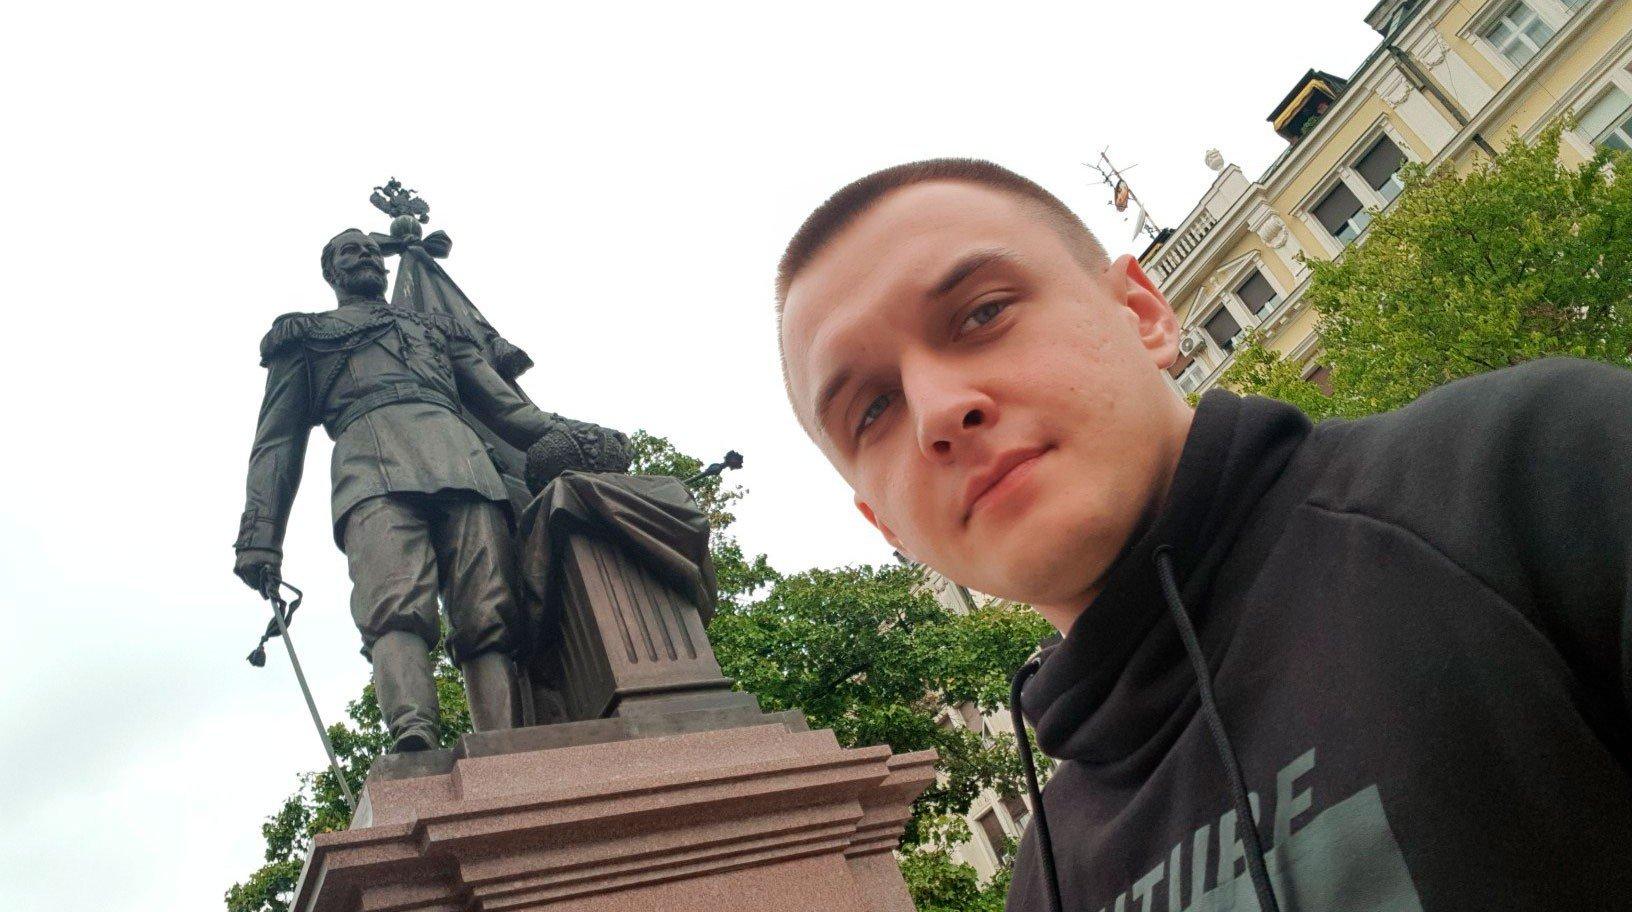 Польскому репортеру Мацейчуку на30 лет запретили въезжать в Российскую Федерацию